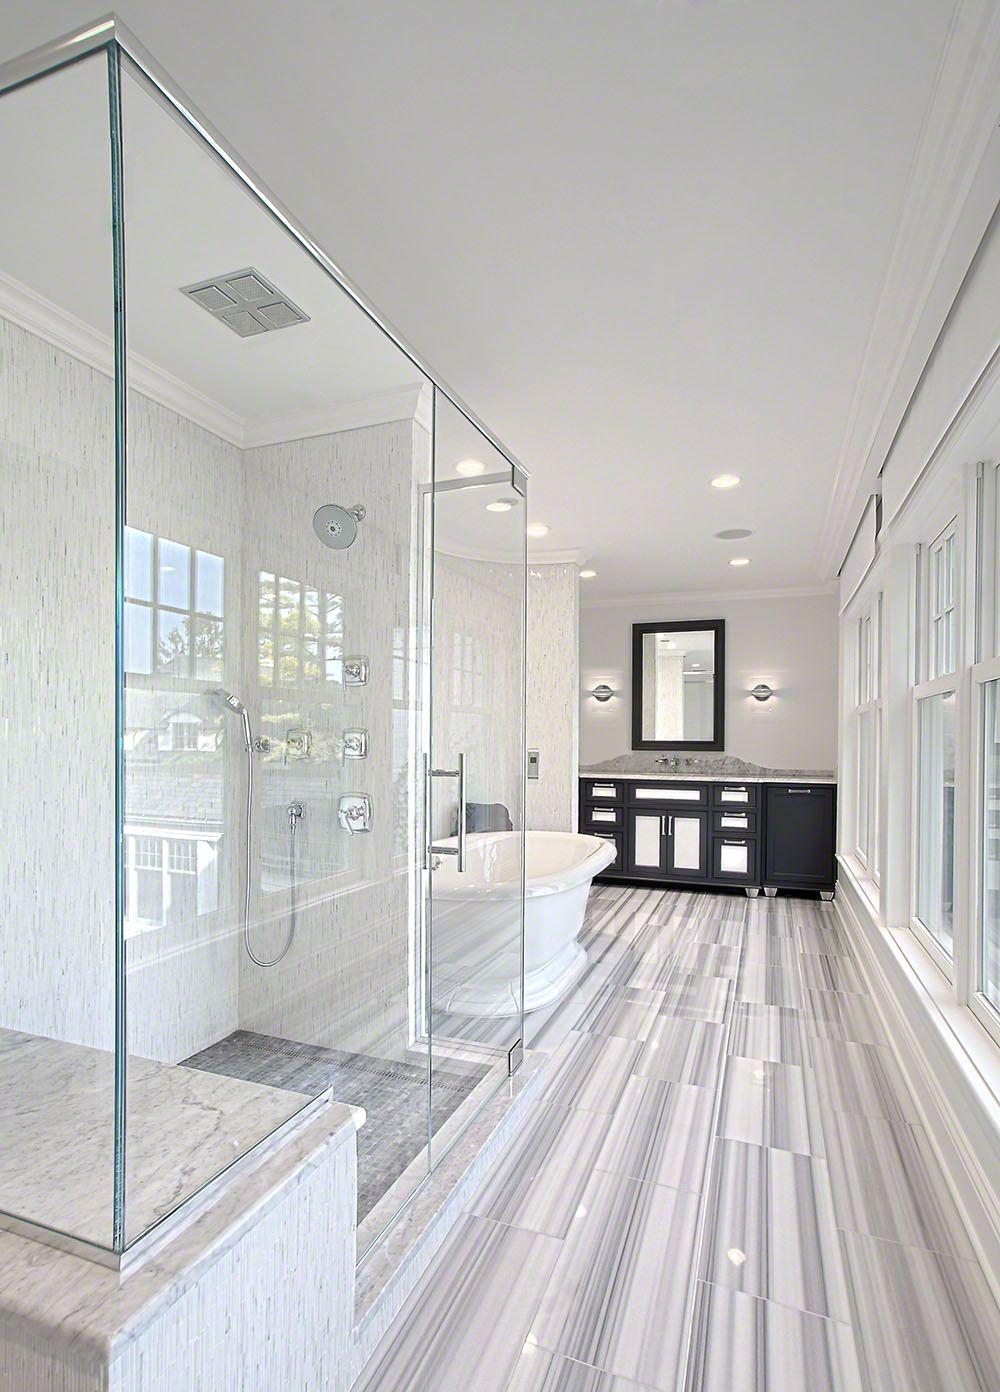 North Shore Bathroom Remodel Modern Bathroom Remodel Beautiful Bathroom Designs Bathroom Design